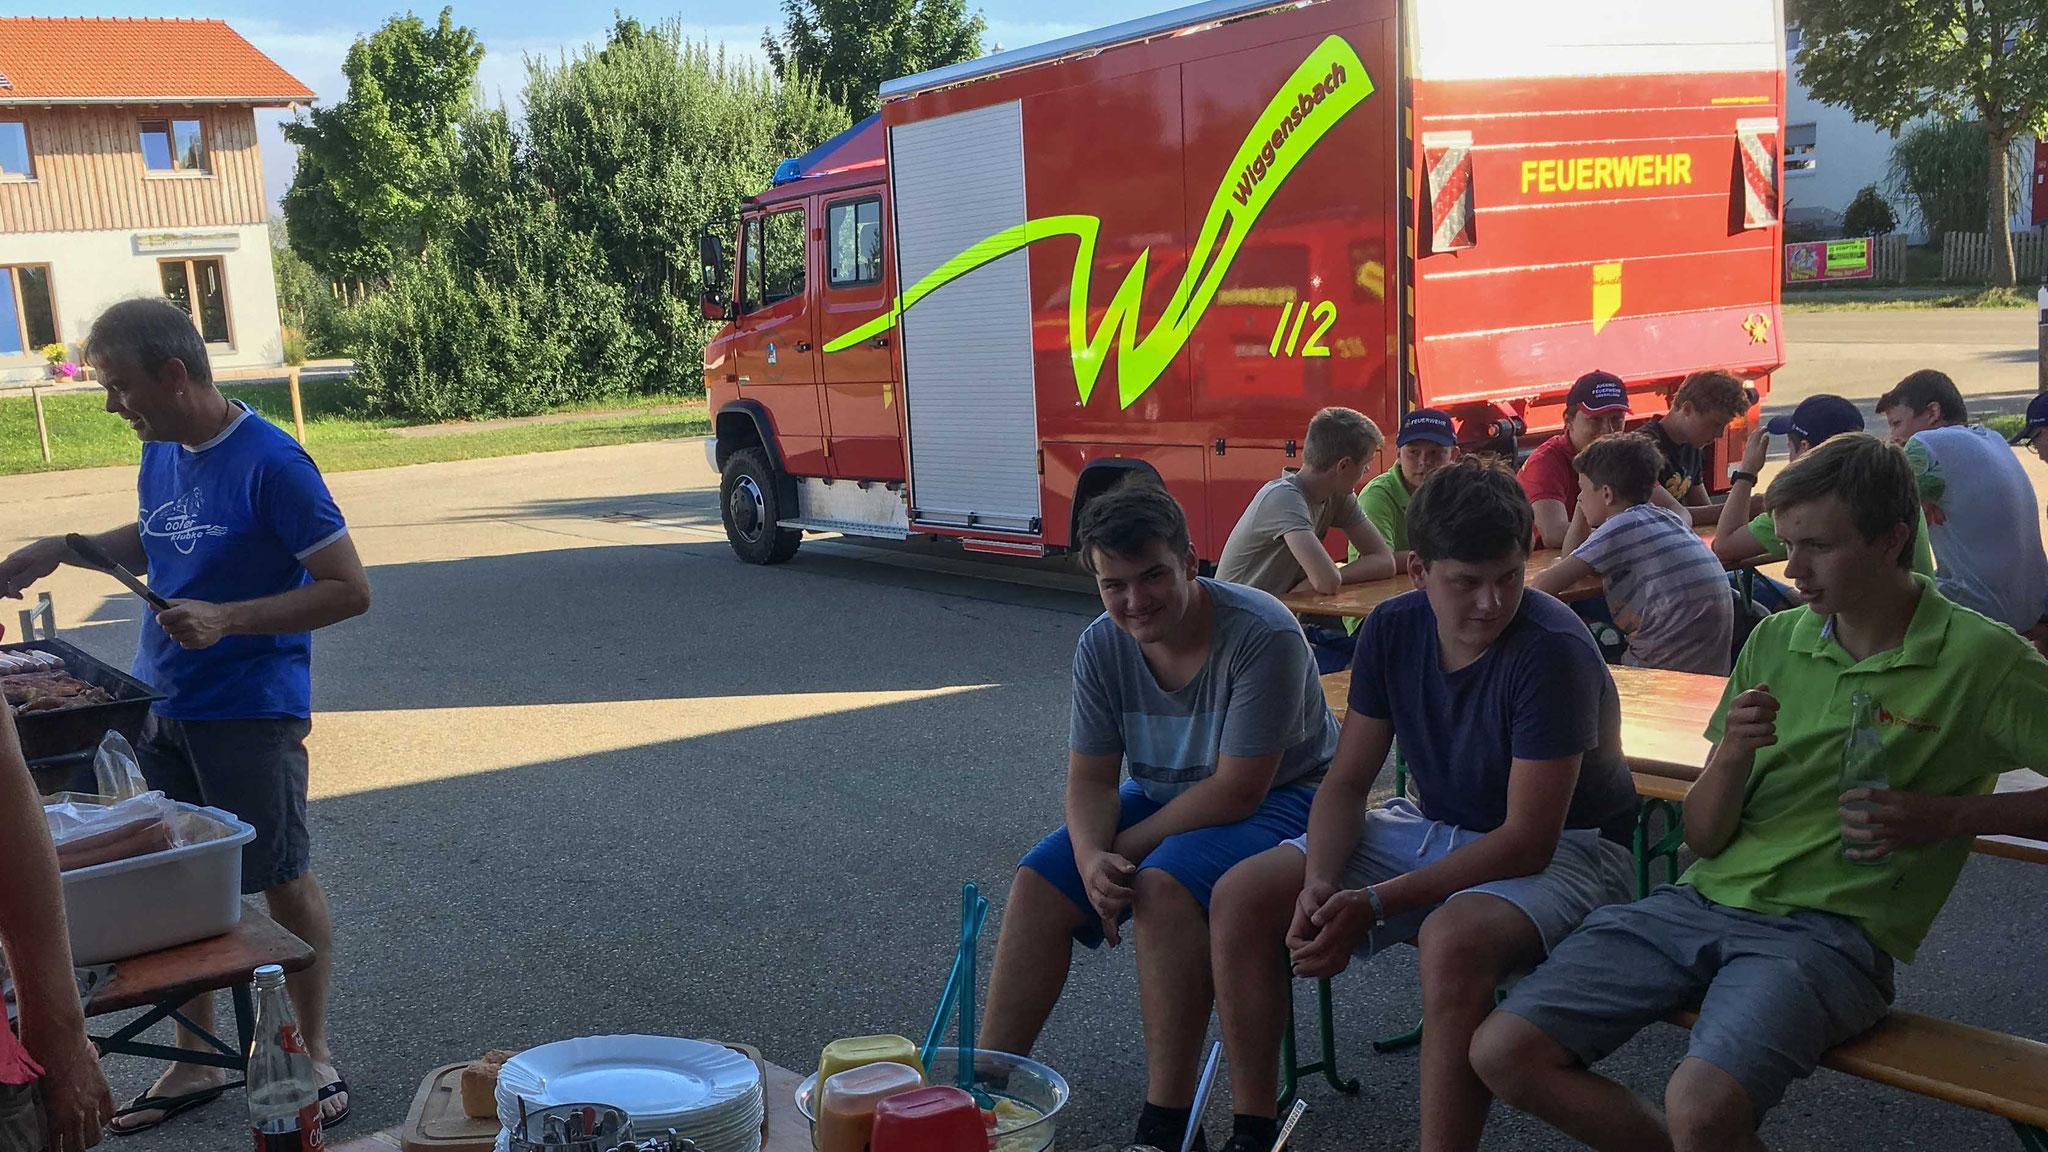 24.07.2019 Jugendfeuerwehr Ermengerst - Grillen bei der FFW